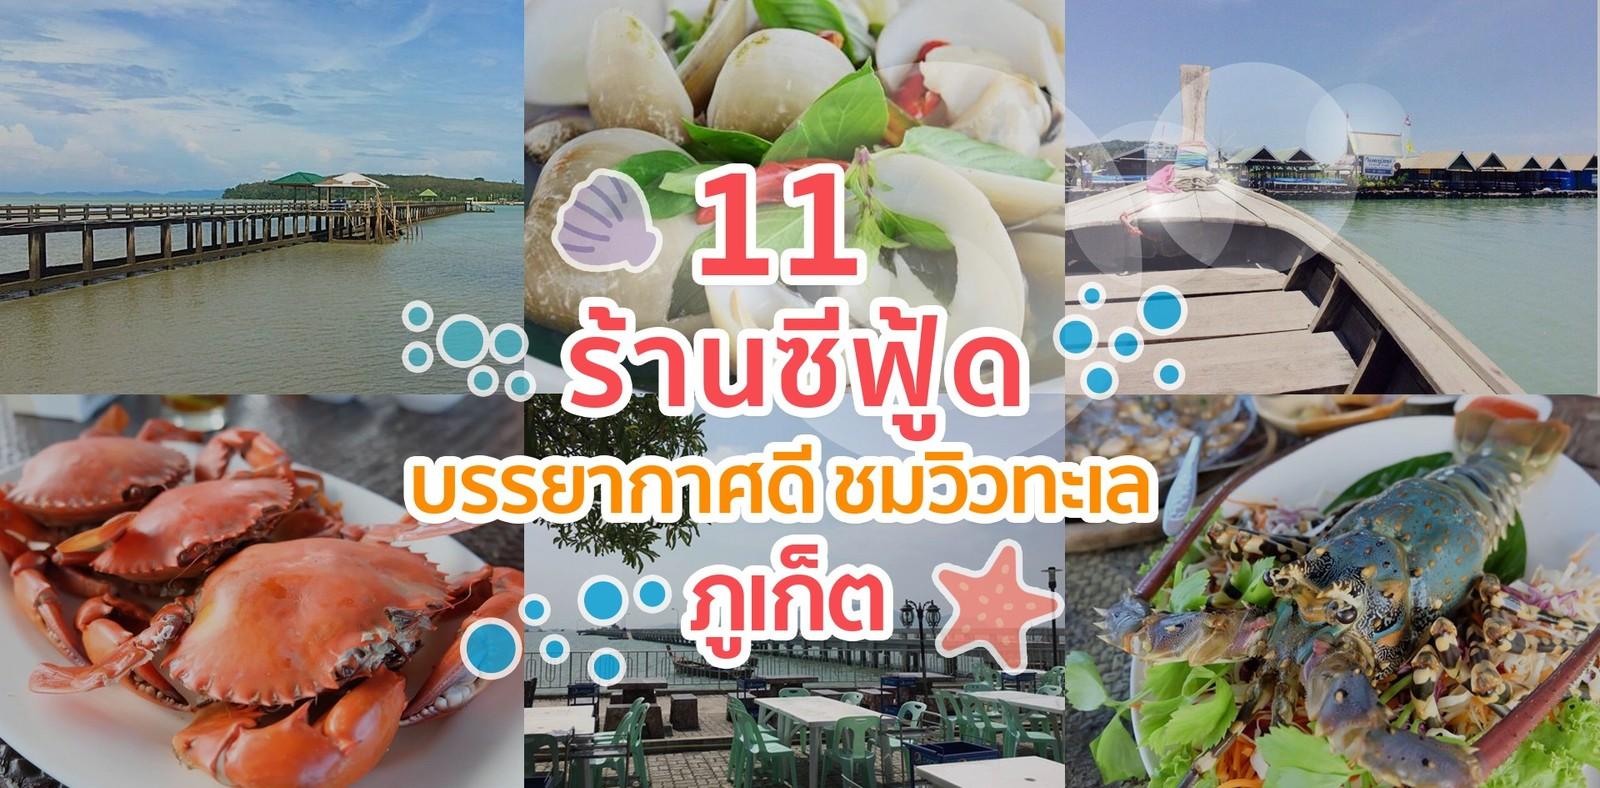 11 ร้านอาหารทะเลในภูเก็ต